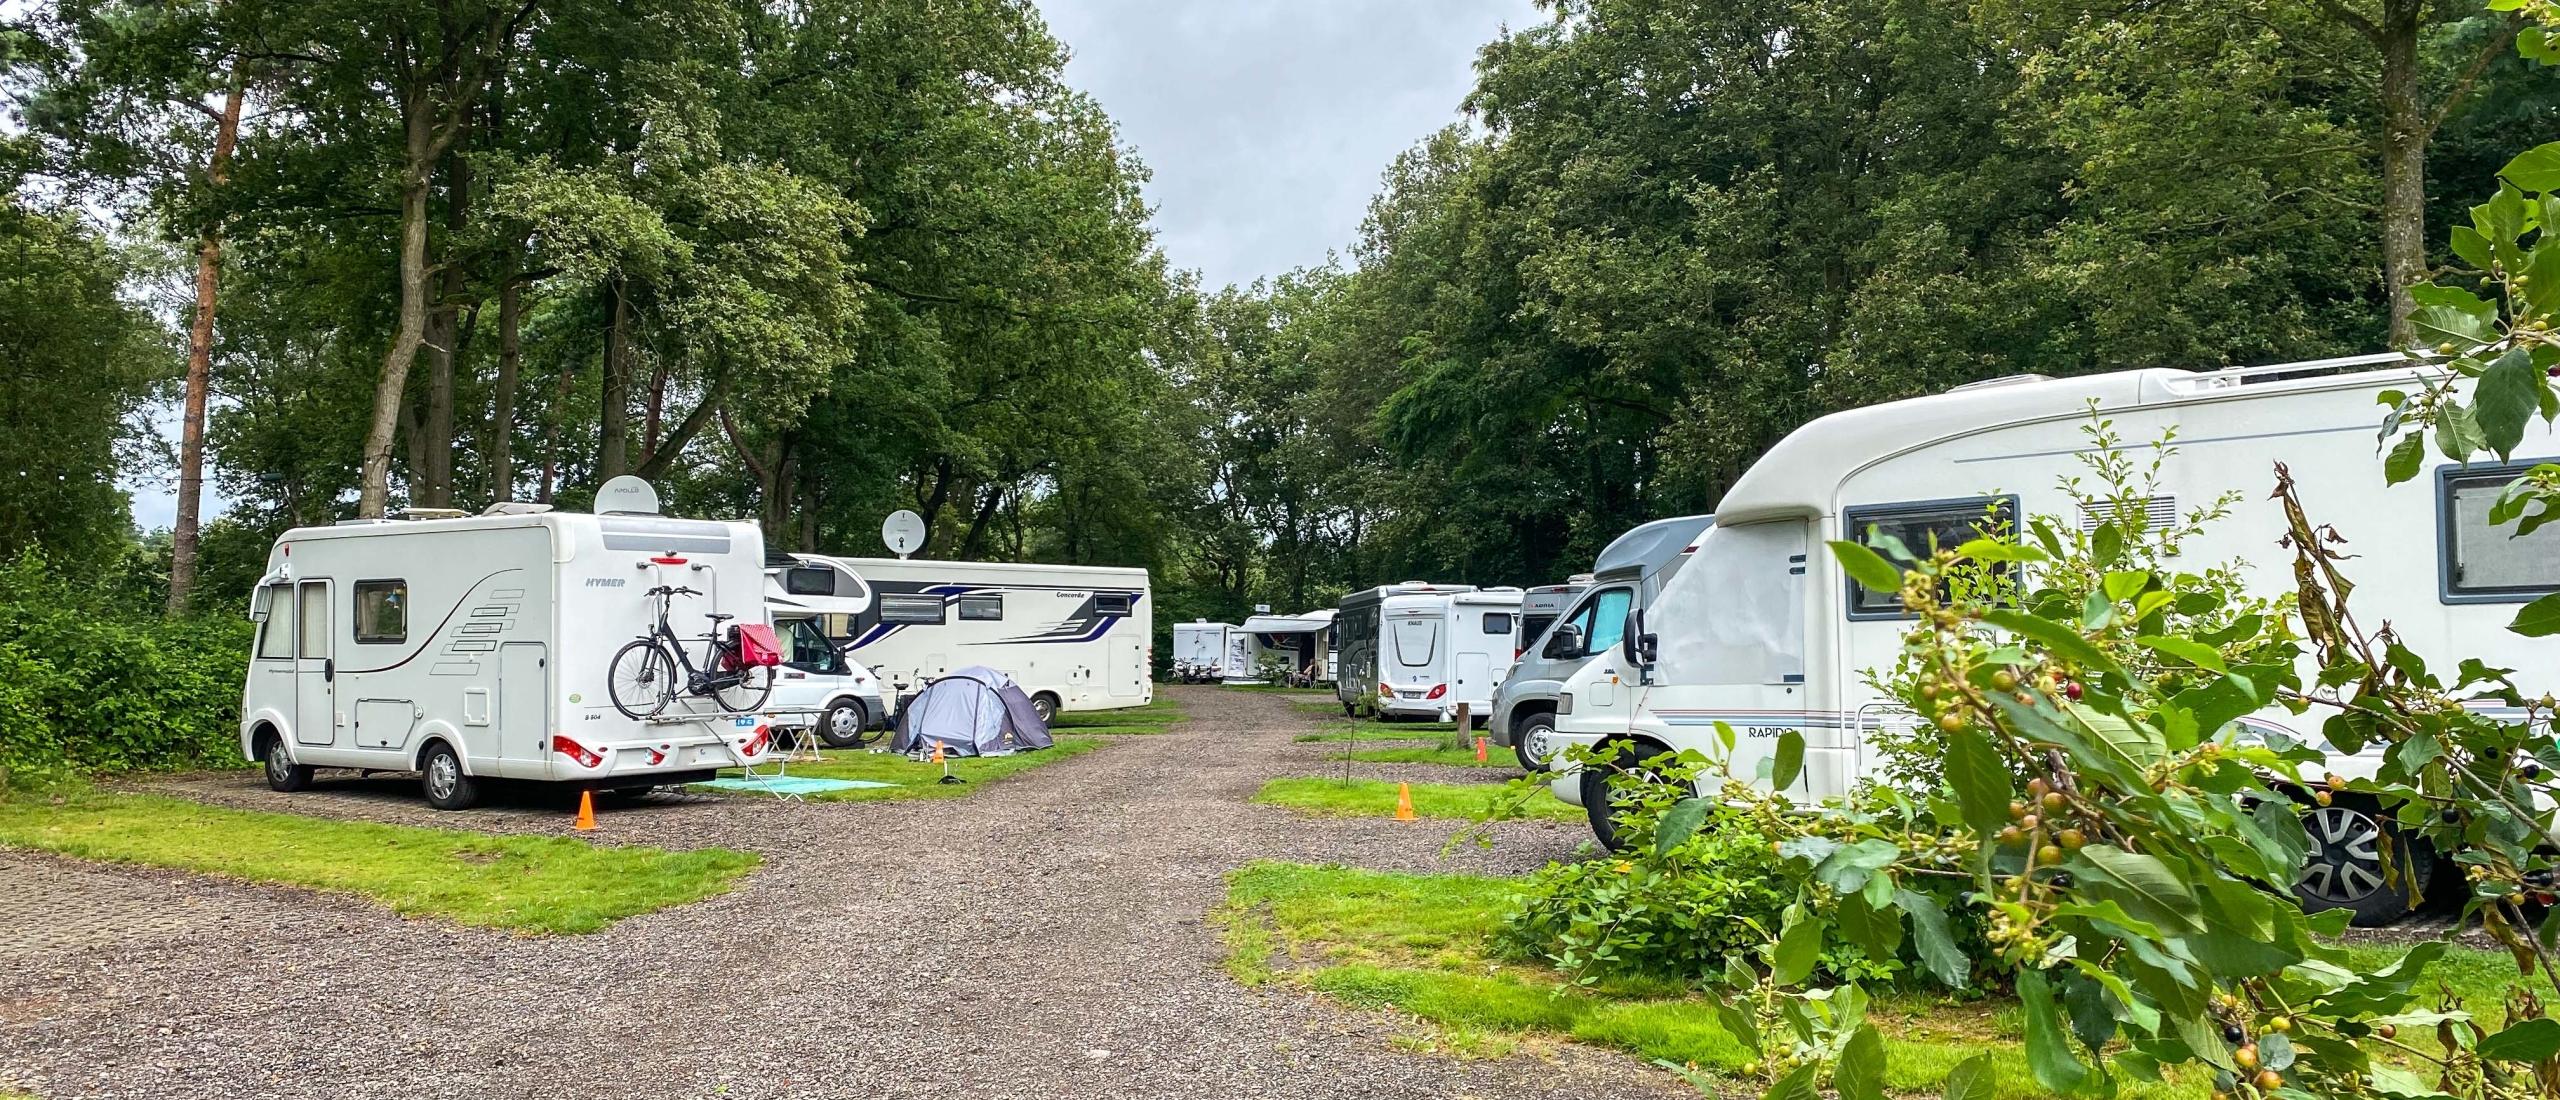 Camperpark 't Hulsbeek ligt op een unieke locatie